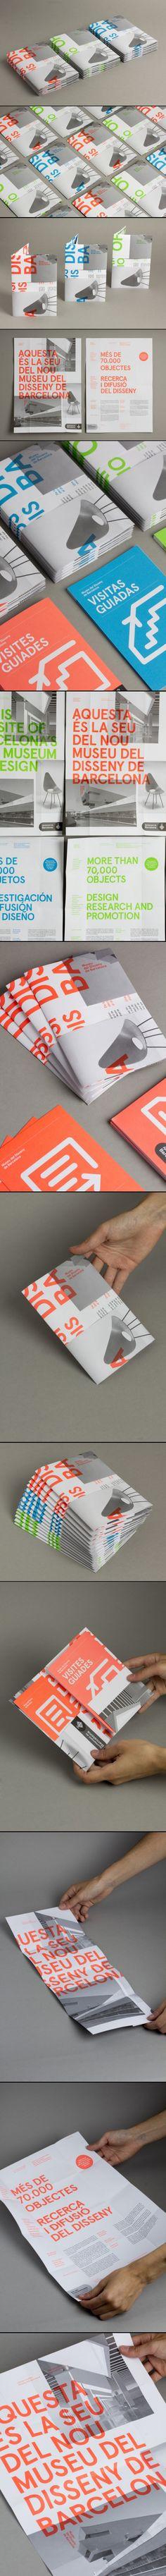 Design Museum of Barcelona Pamphlet Design, Leaflet Design, Booklet Design, Brochure Design, Branding Design, Web Design, Layout Design, Typography Layout, Graphic Design Typography